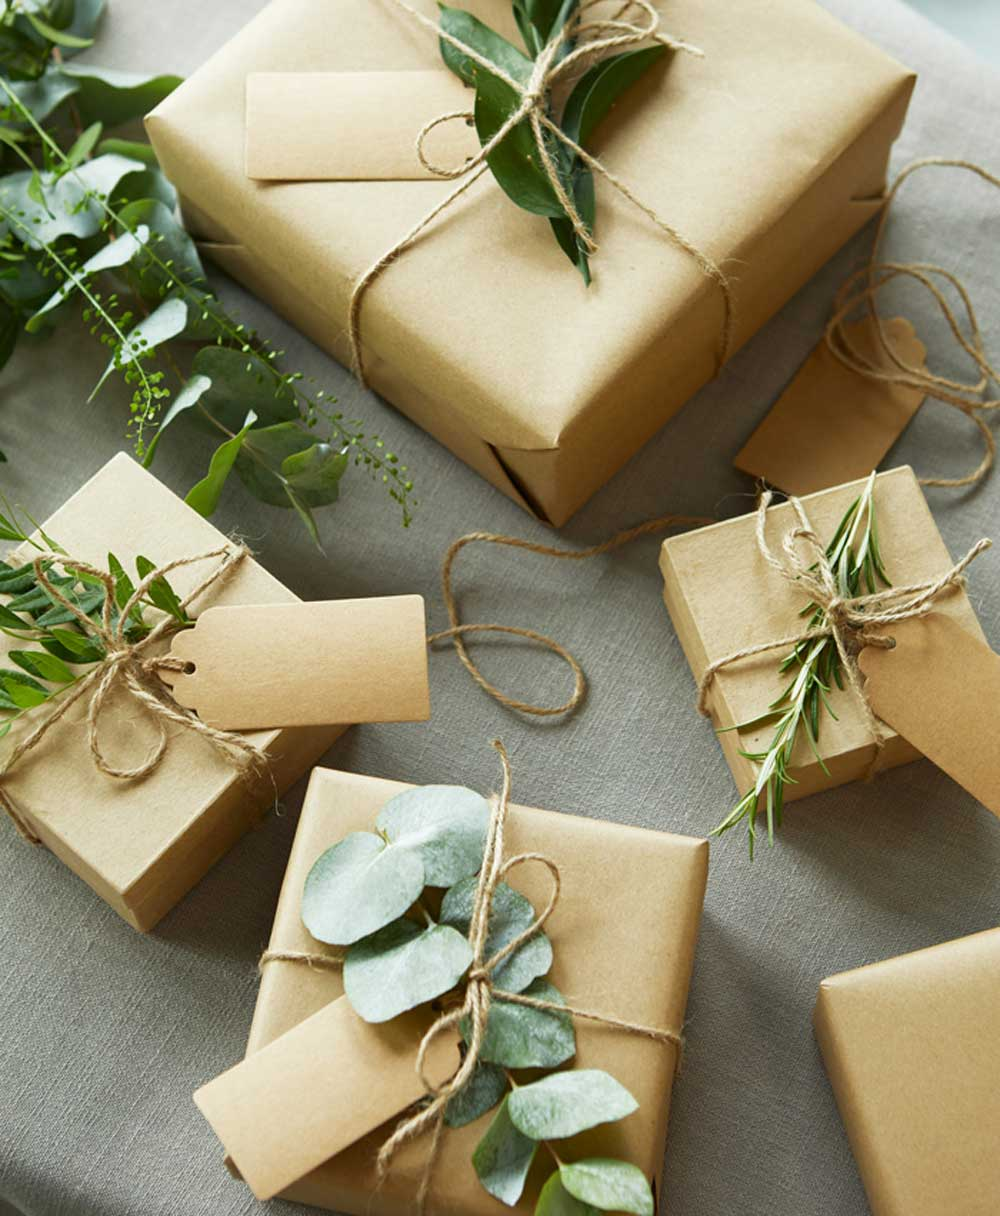 geschenke-verpacken-bloom-and-wild-christmas2020-decohome.de_